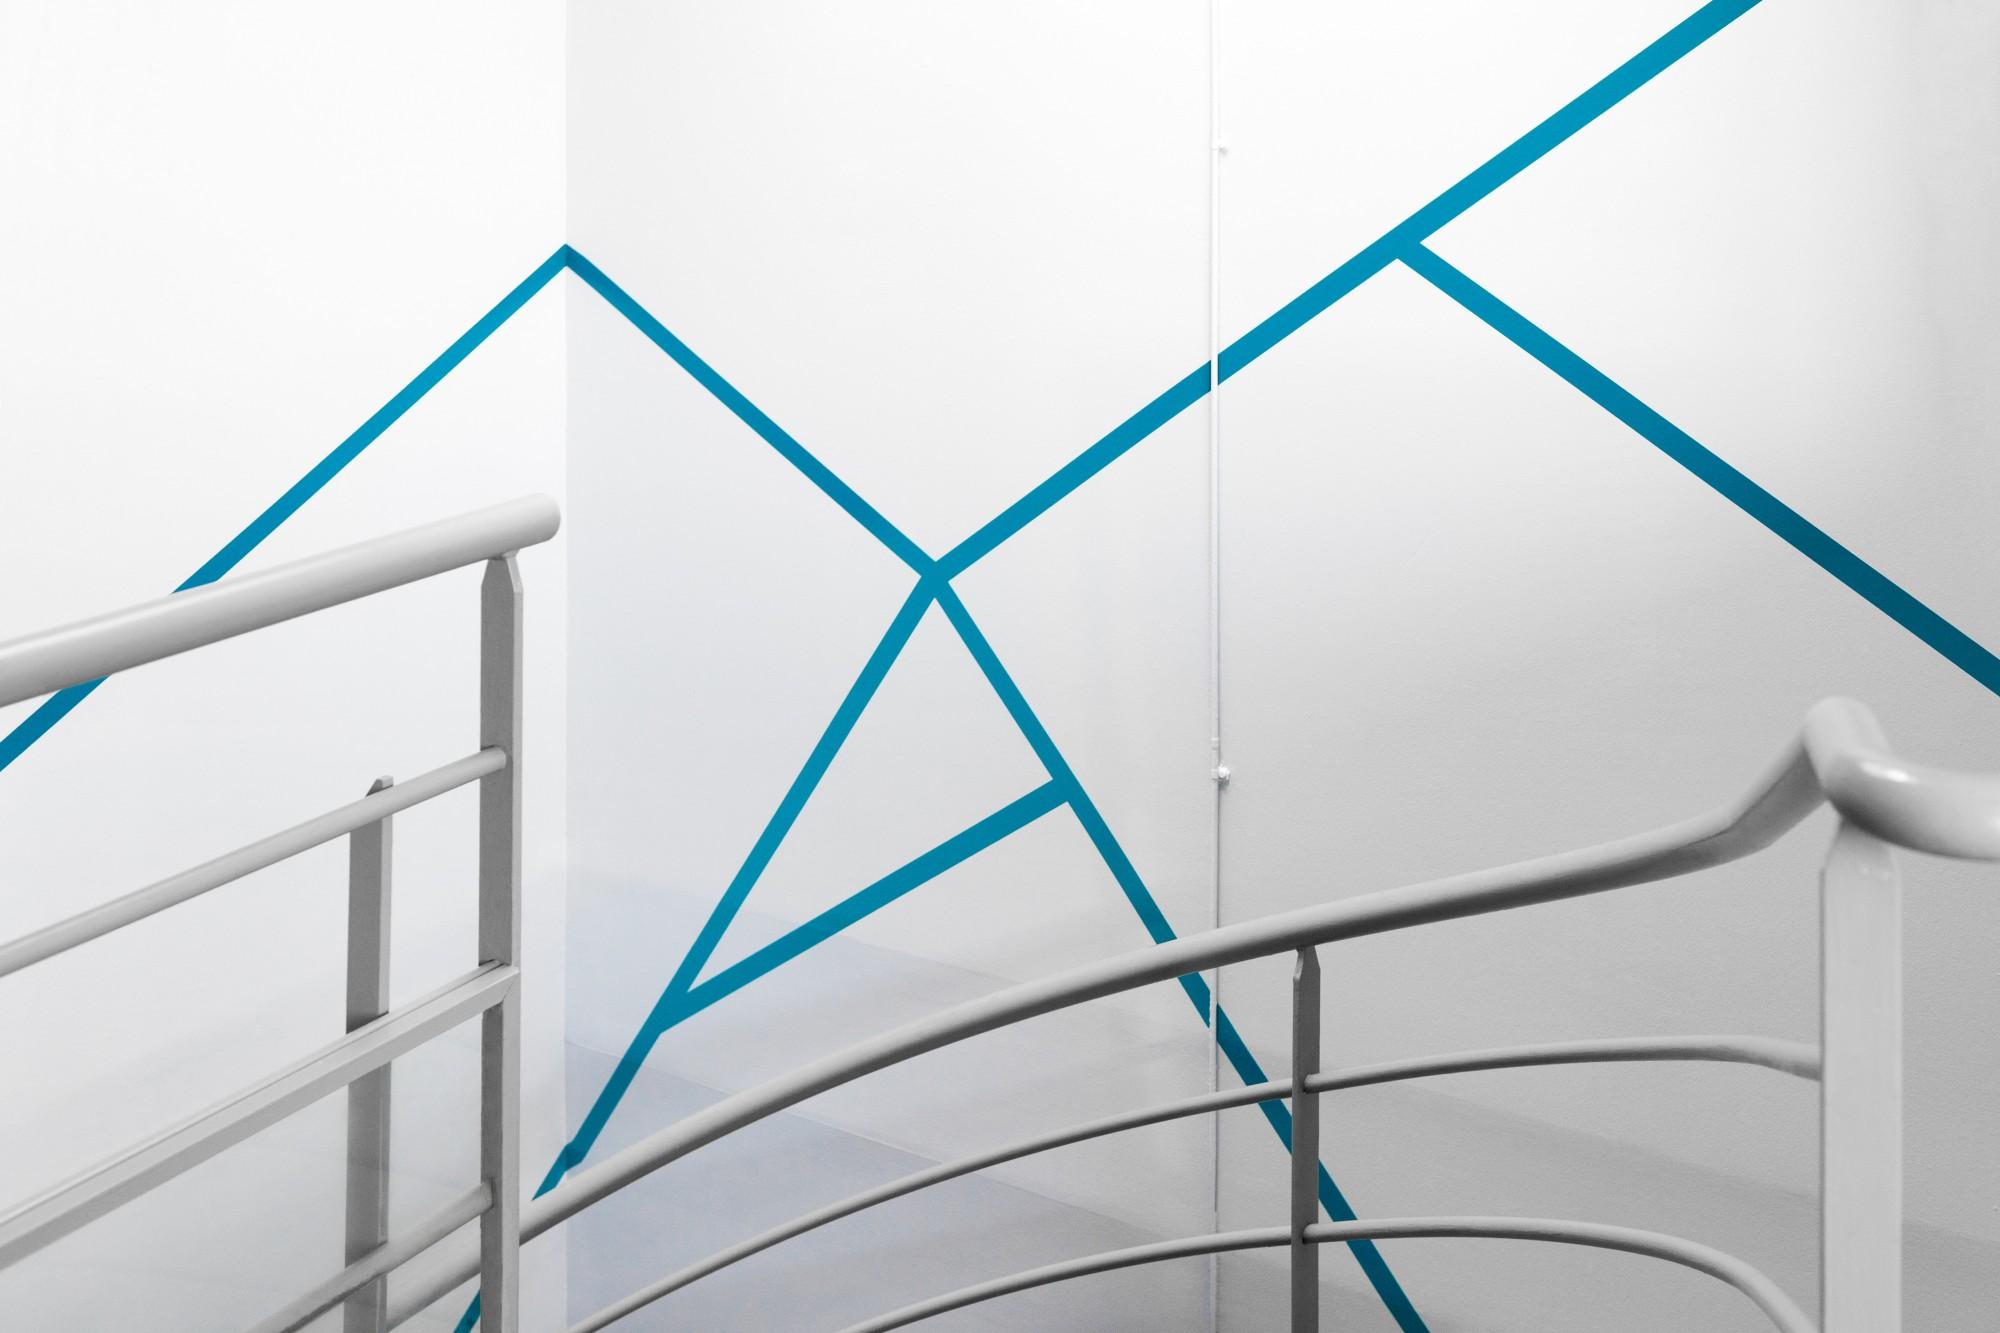 Kleber-Vinci-Salamandre-La Beau d'Architecture#07